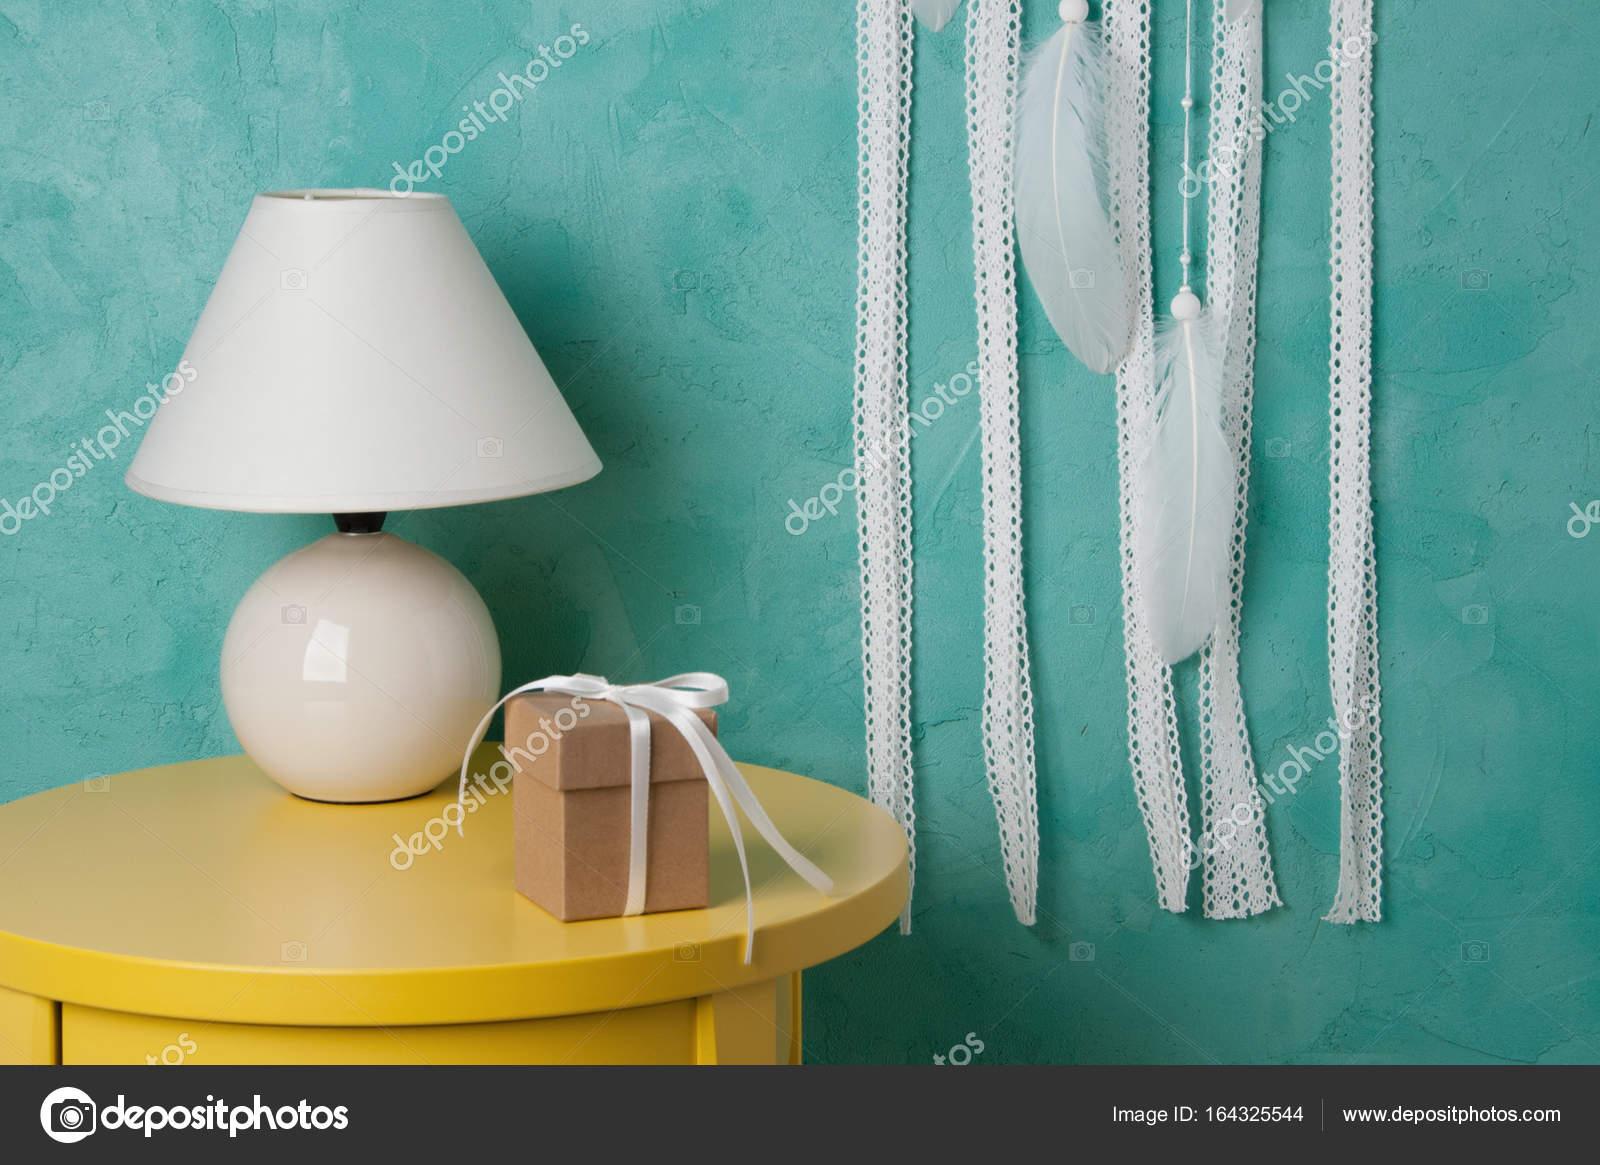 Chambre décor sur fond bleu-vert — Photographie voisine © #164325544